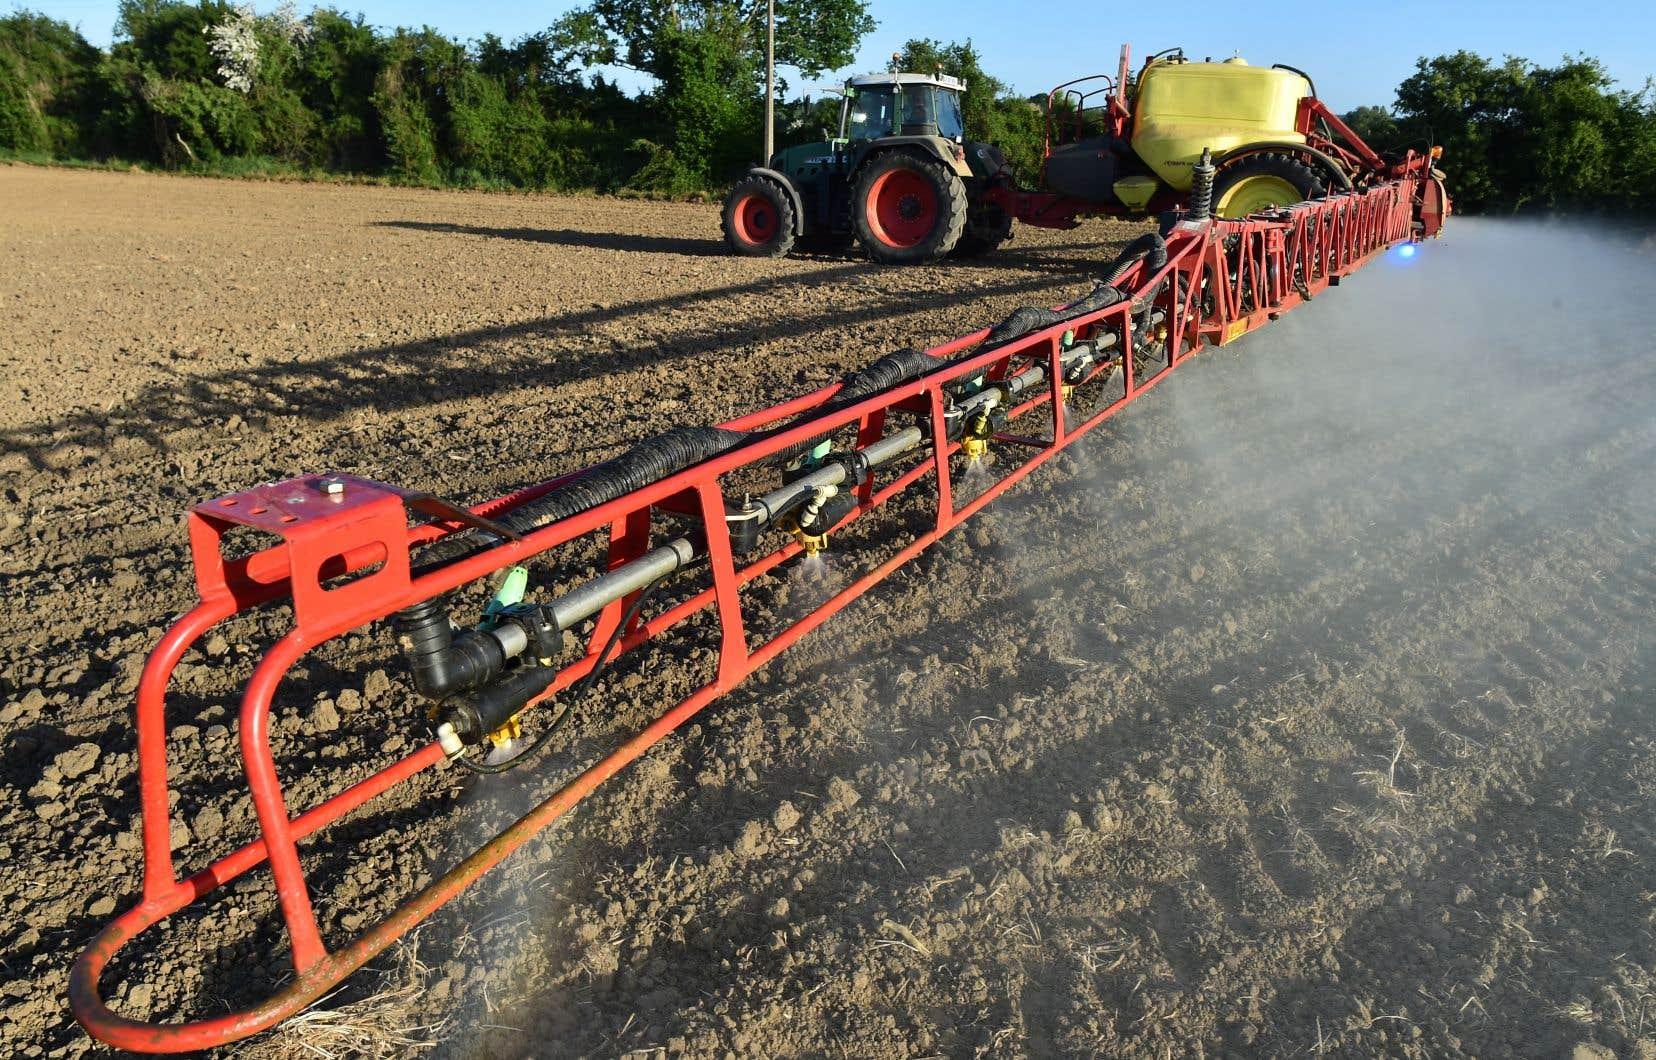 «Les méthodes différentes et rentables de contrôle des mauvaises herbes existent. Elles ont été développées en recherche. Toutefois, les producteurs agricoles n'y ont pas accès, faute de ressources en transfert, ou n'y croient tout simplement pas, peu encouragés par le conseil intéressé qui les encadre la plupart du temps», écritLouis Robert.